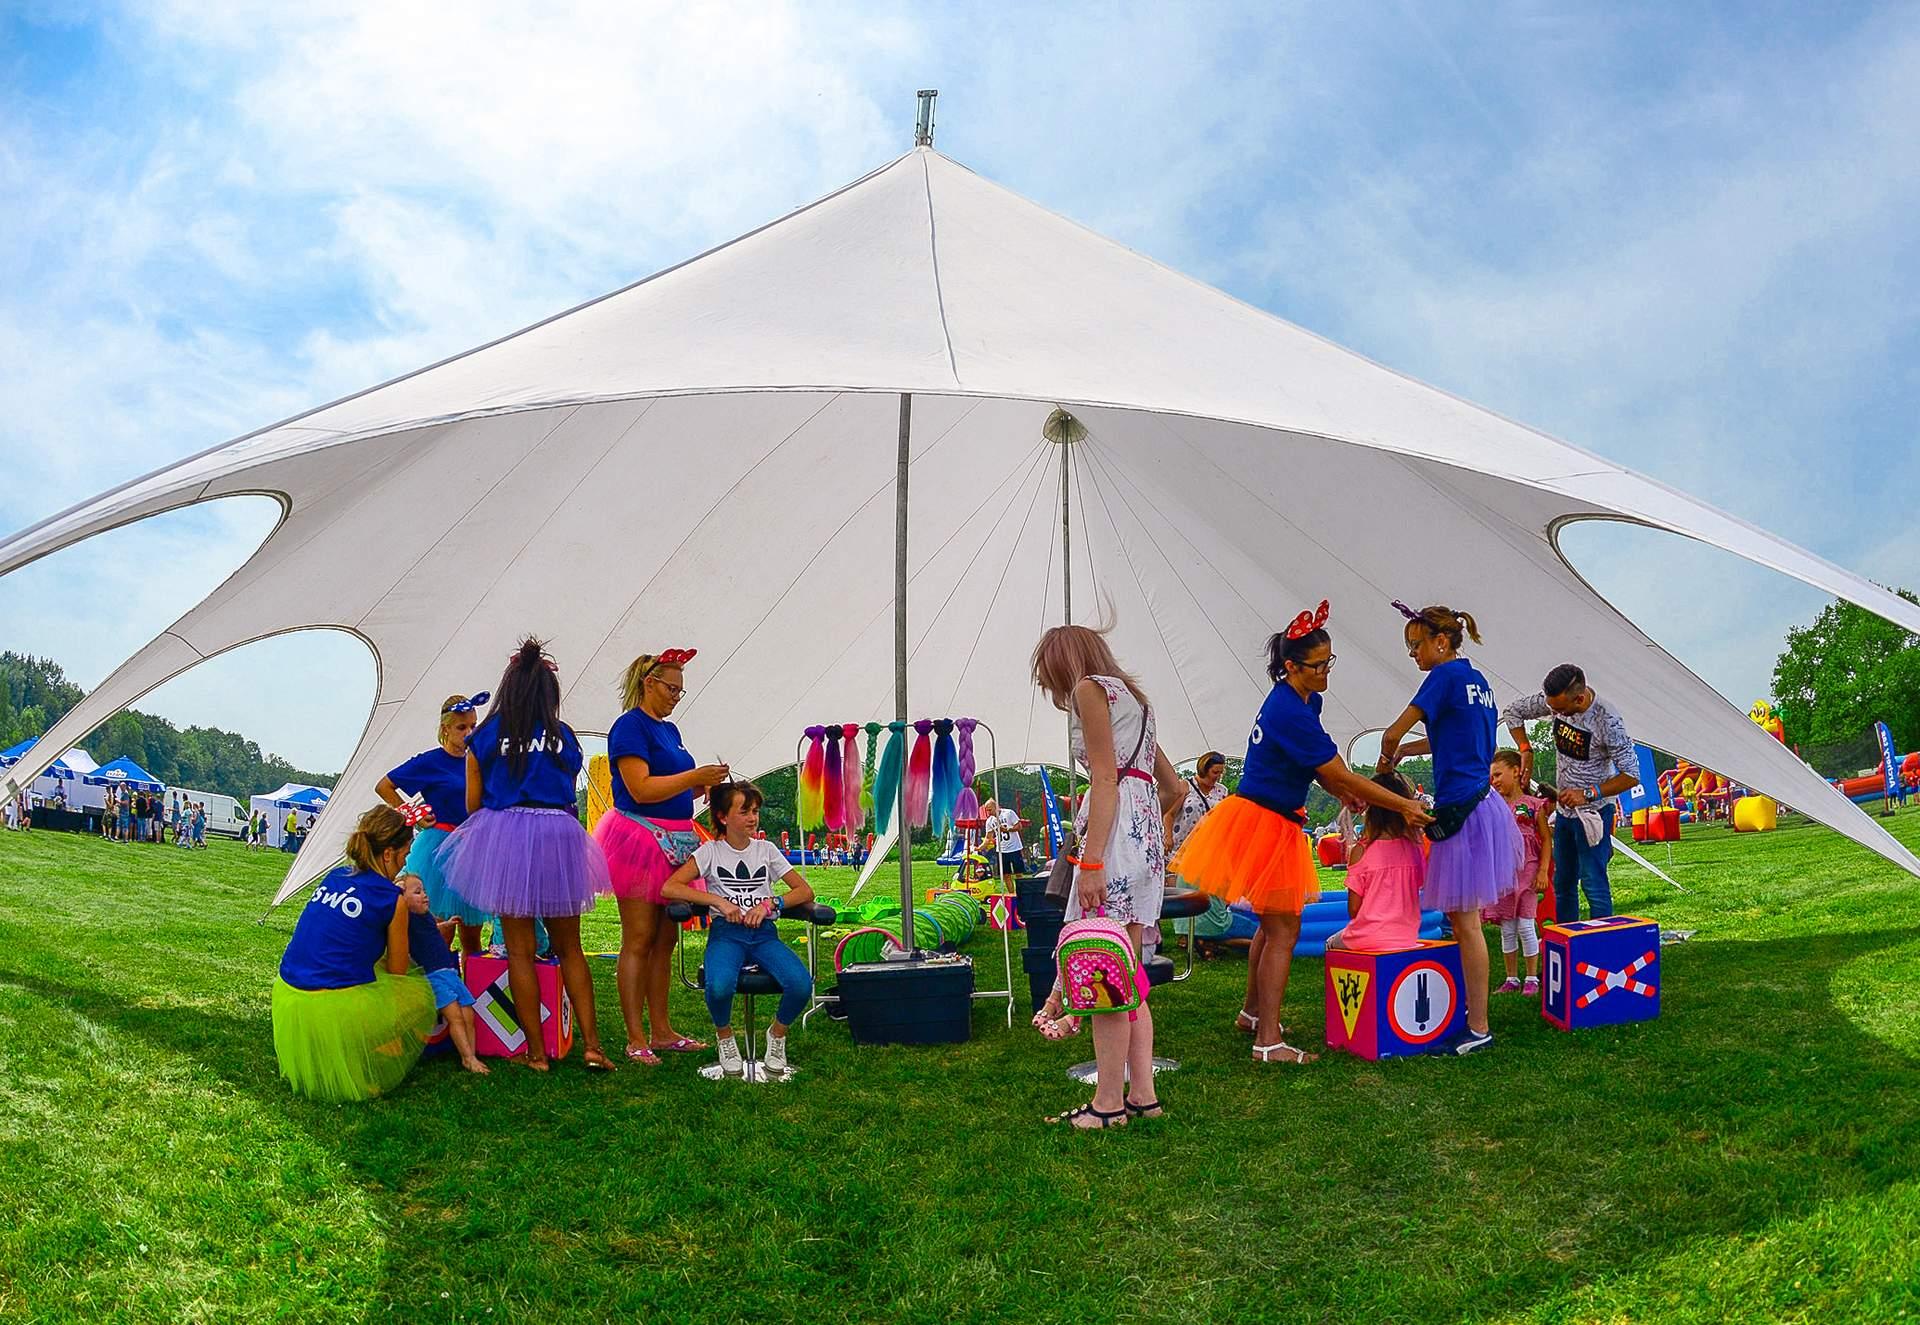 namiot animacyjny, w którym animatorzy plotą kolorowe warkoczyki, malują buźki oraz bawią się z najmłodszymi uczestnikami eventu